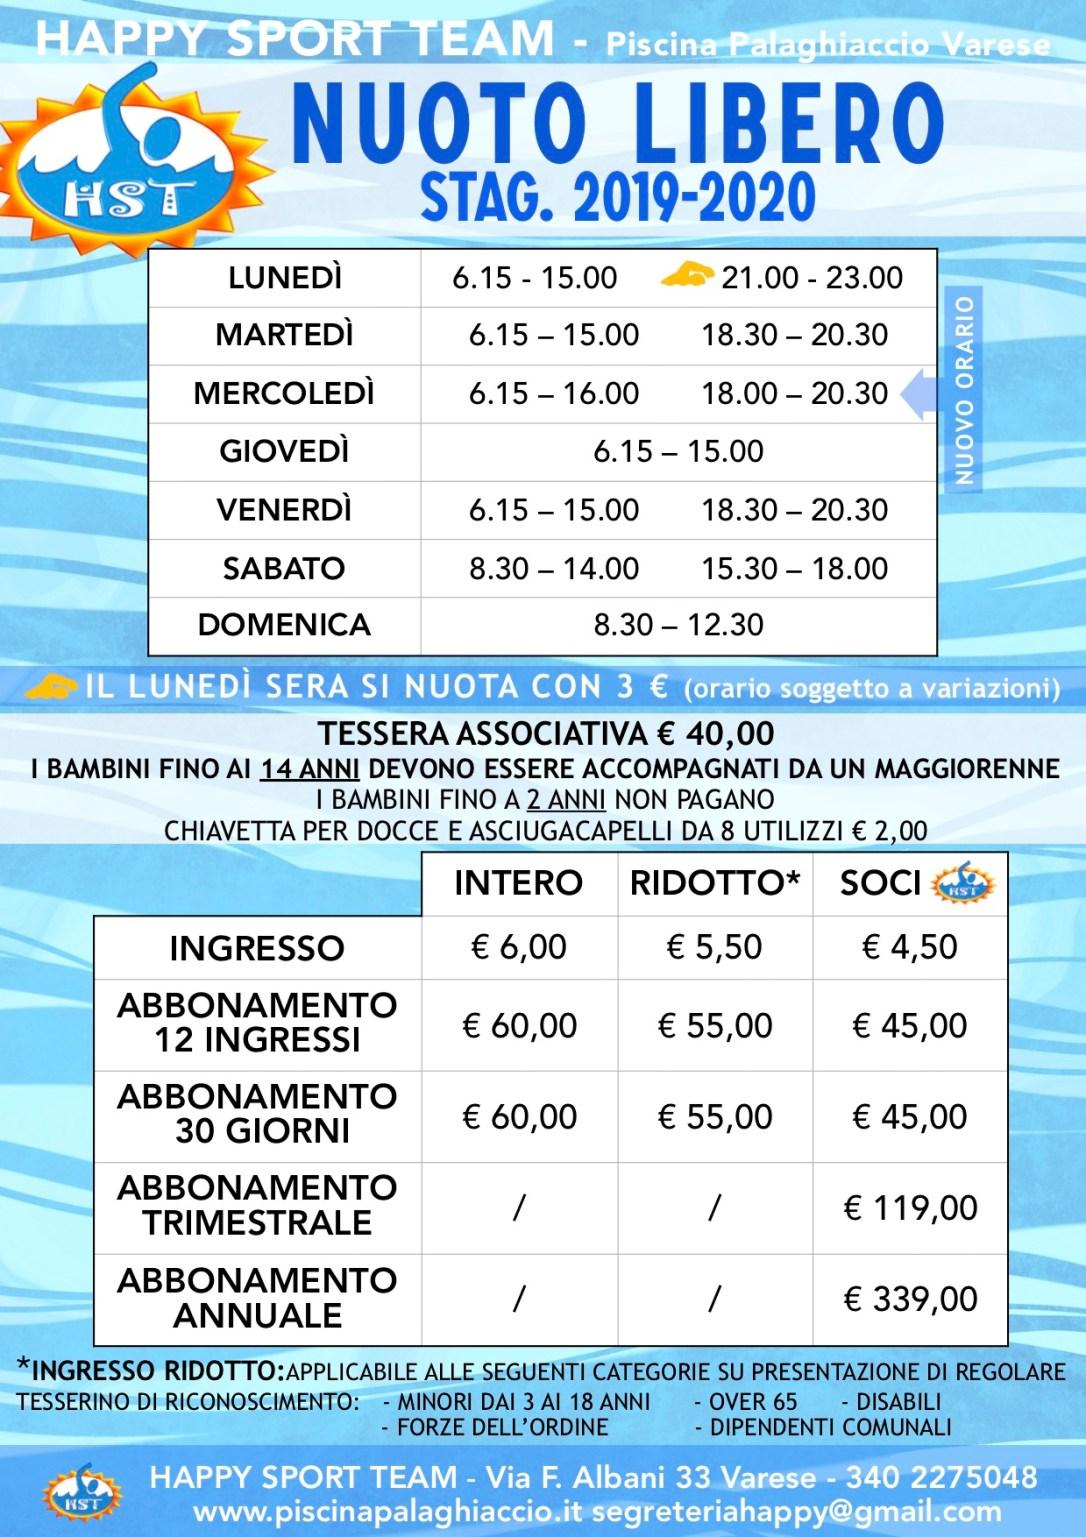 Prezzi-orari NUOTO LIBERO STAG 18-19